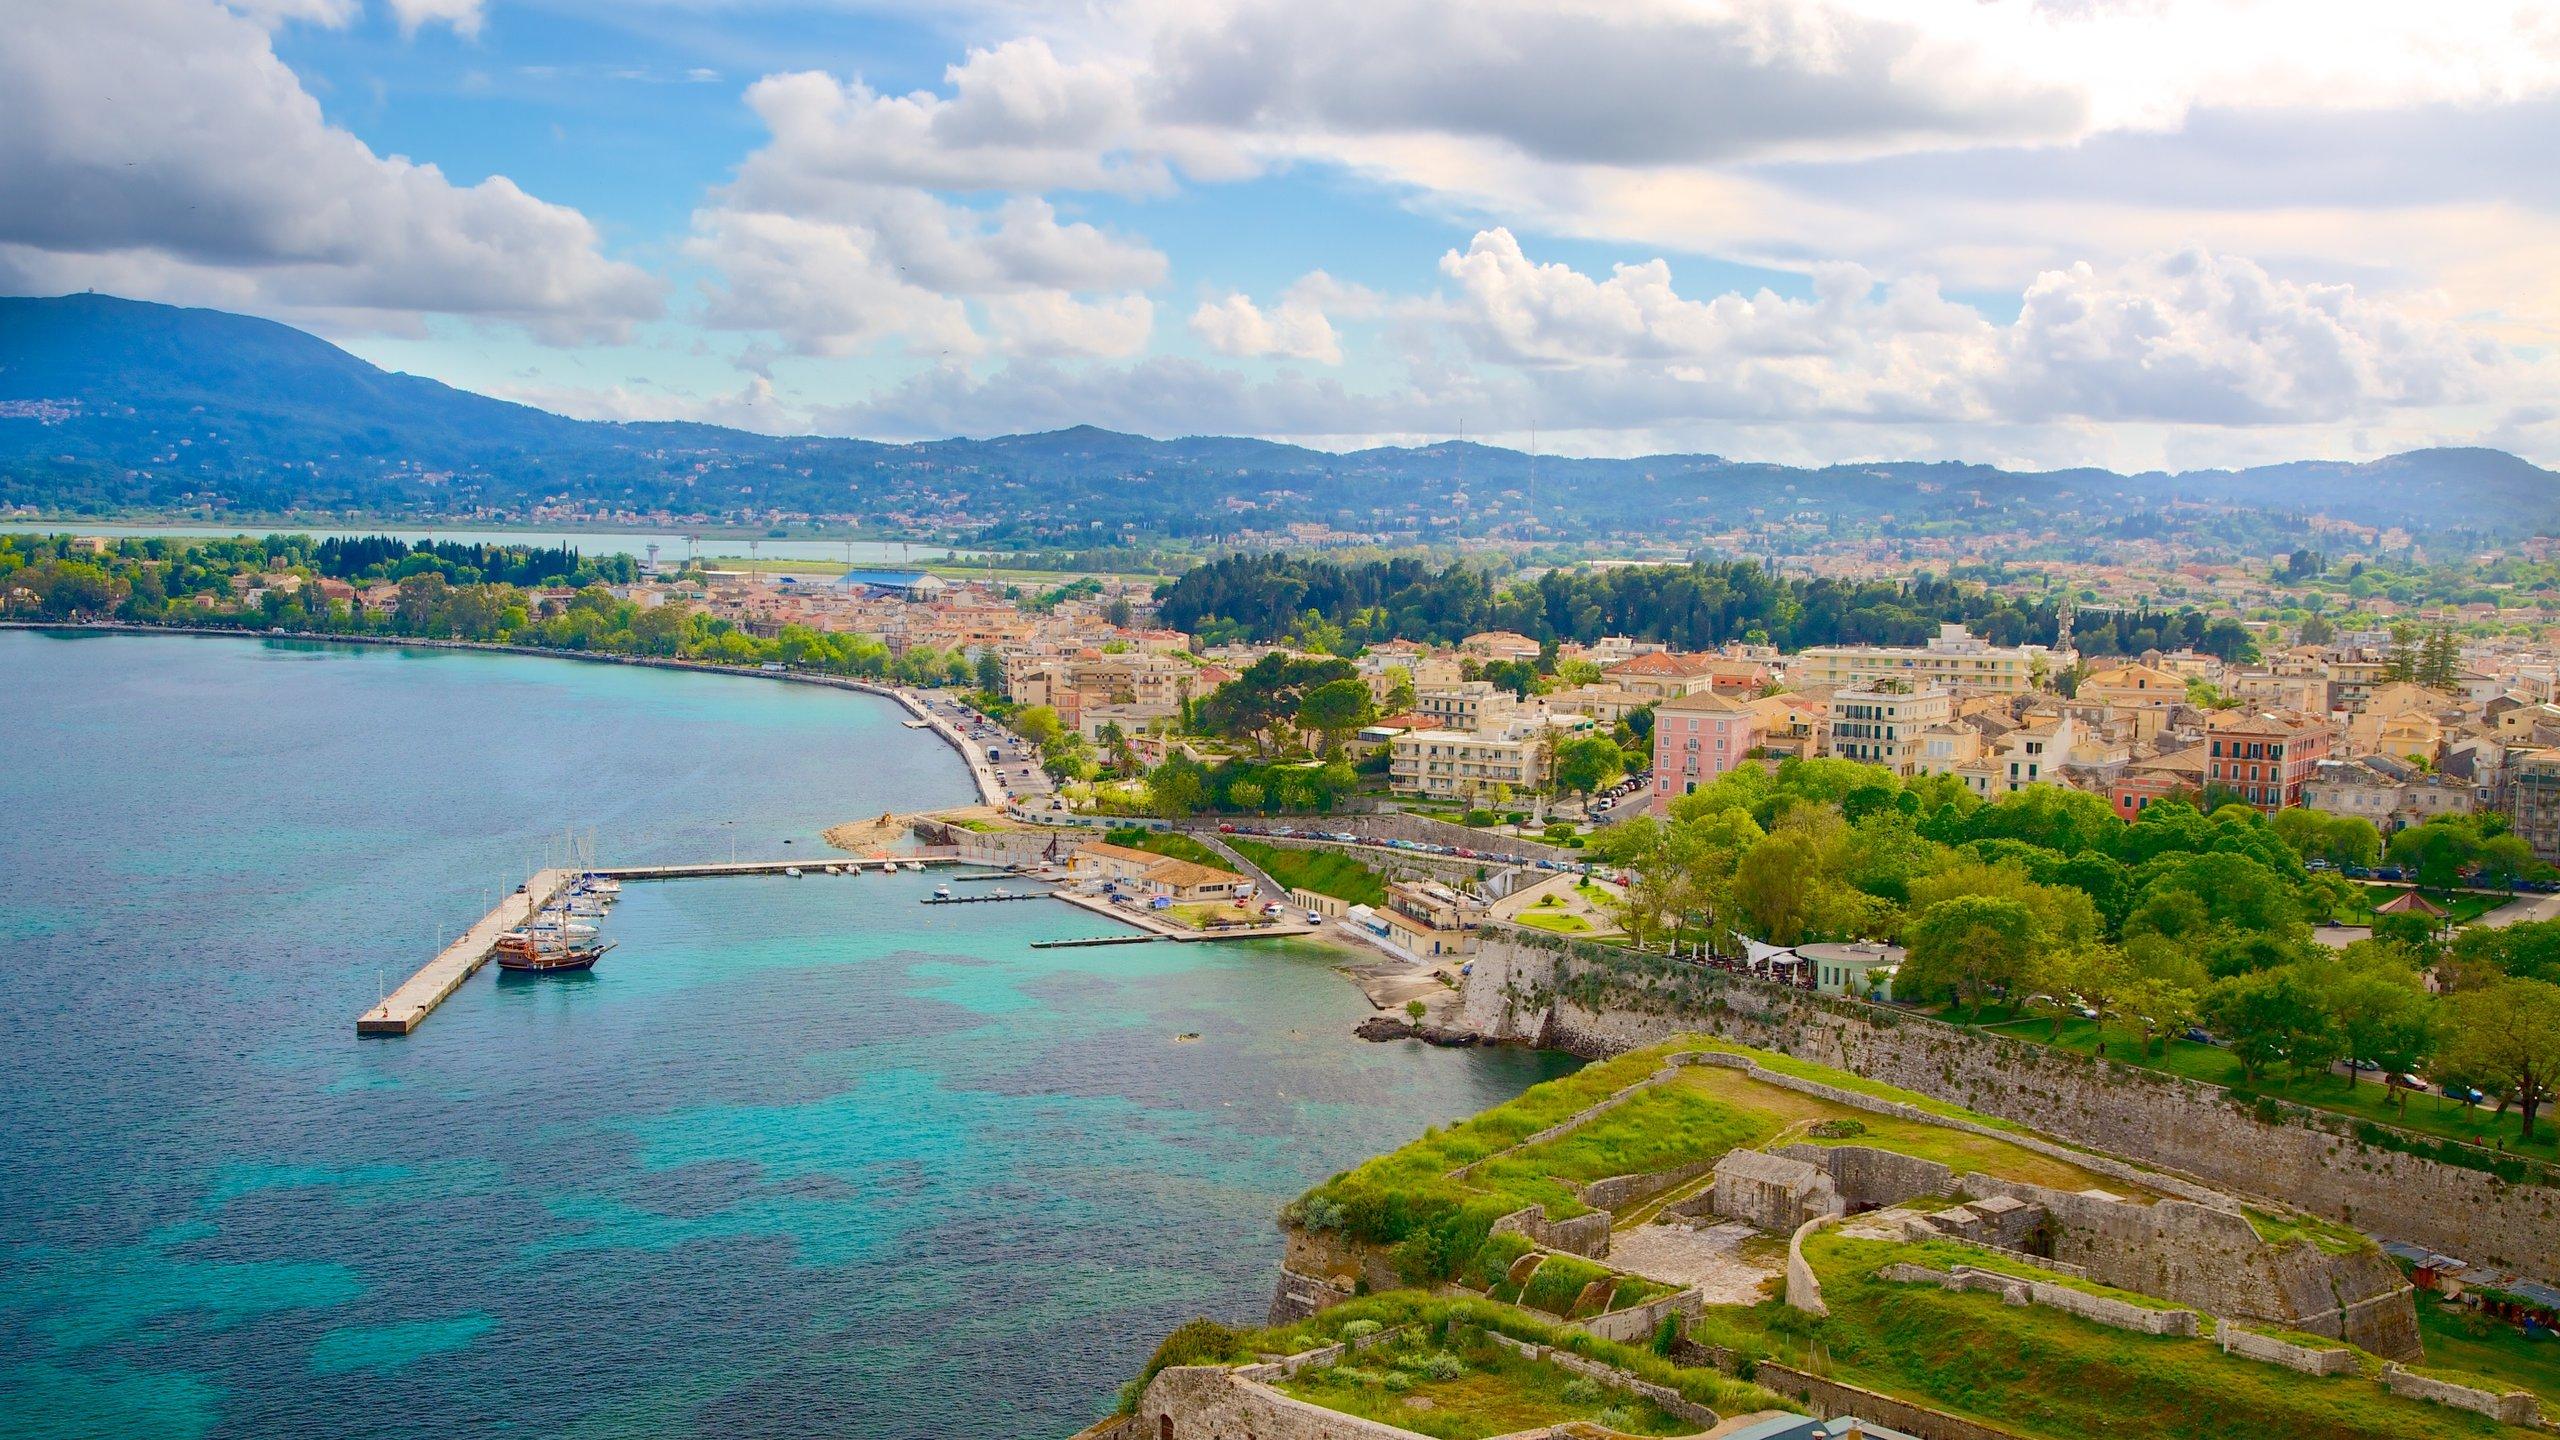 Departement Korfoe, Regio van de Ionische Eilanden, Griekenland